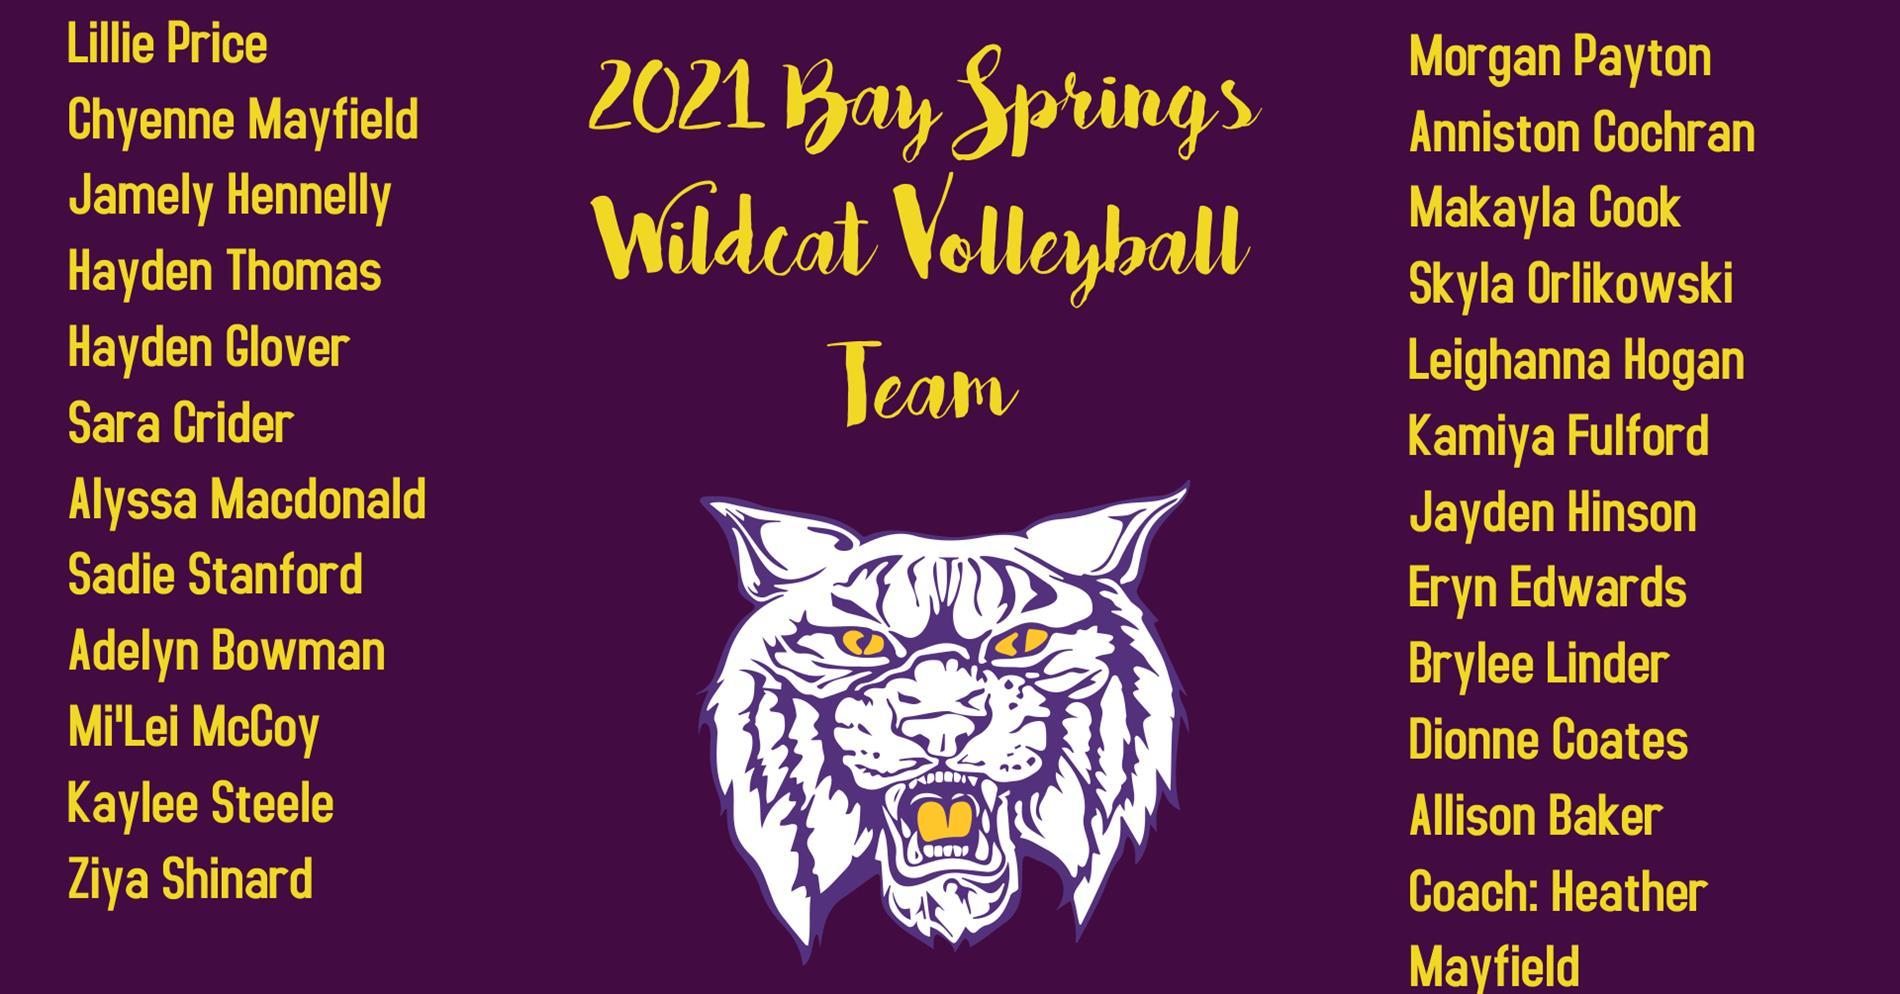 2021 BSMS Wildcat Volleyball Team